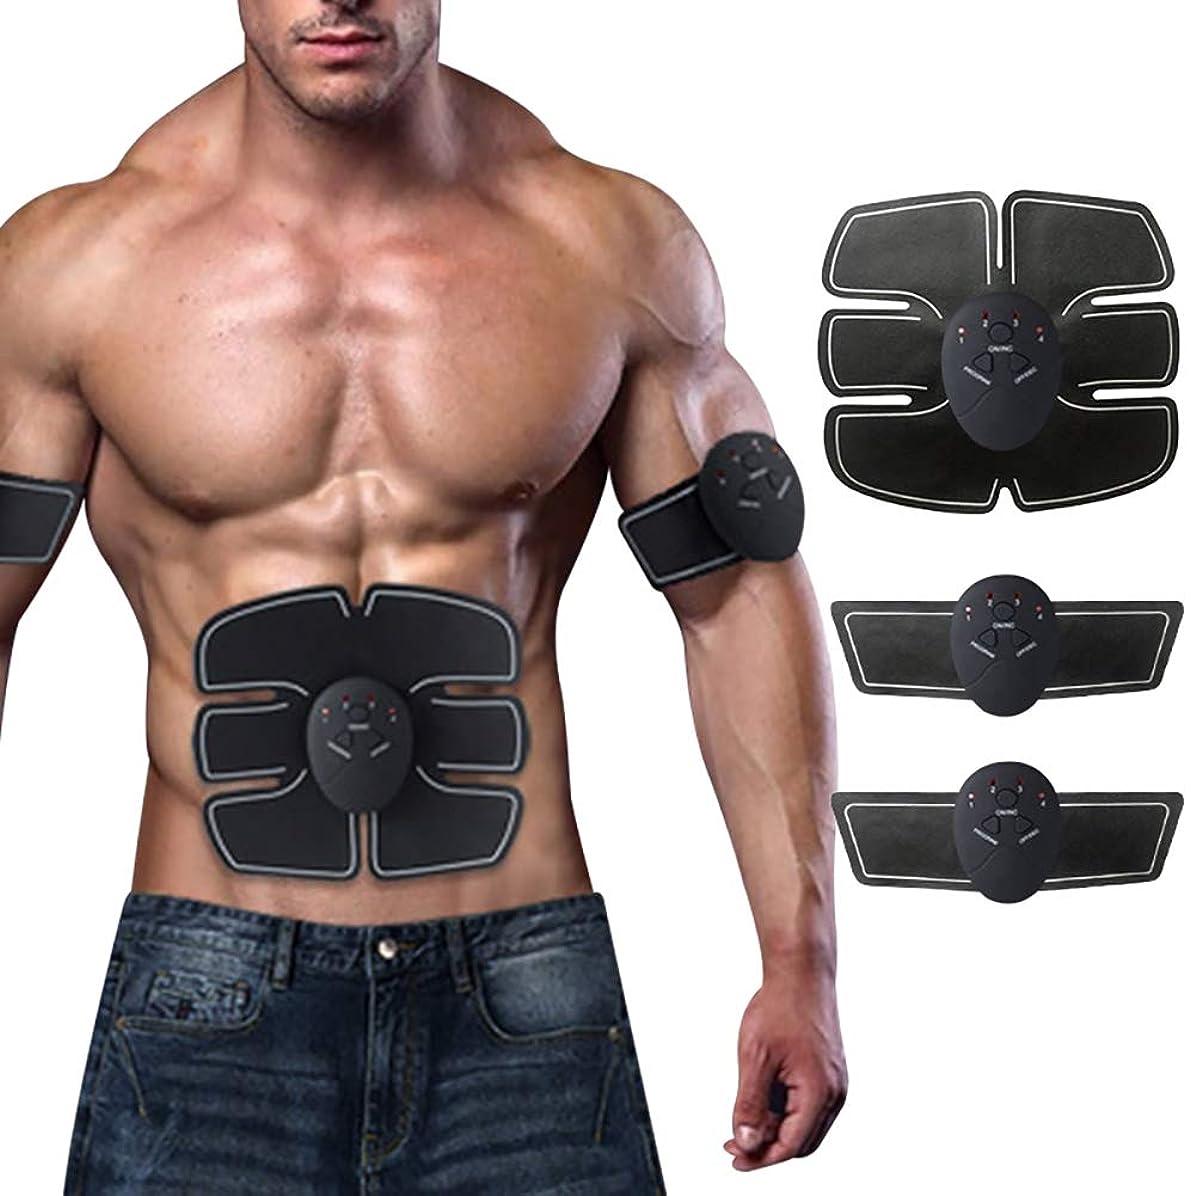 きらめきモードリンわがままスマートフィットネス腹部器具、EMSテクノロジー腹部および腕筋刺激トレーナー筋肉運動怠Exerciseな家族フィットネス機器,A,Charging